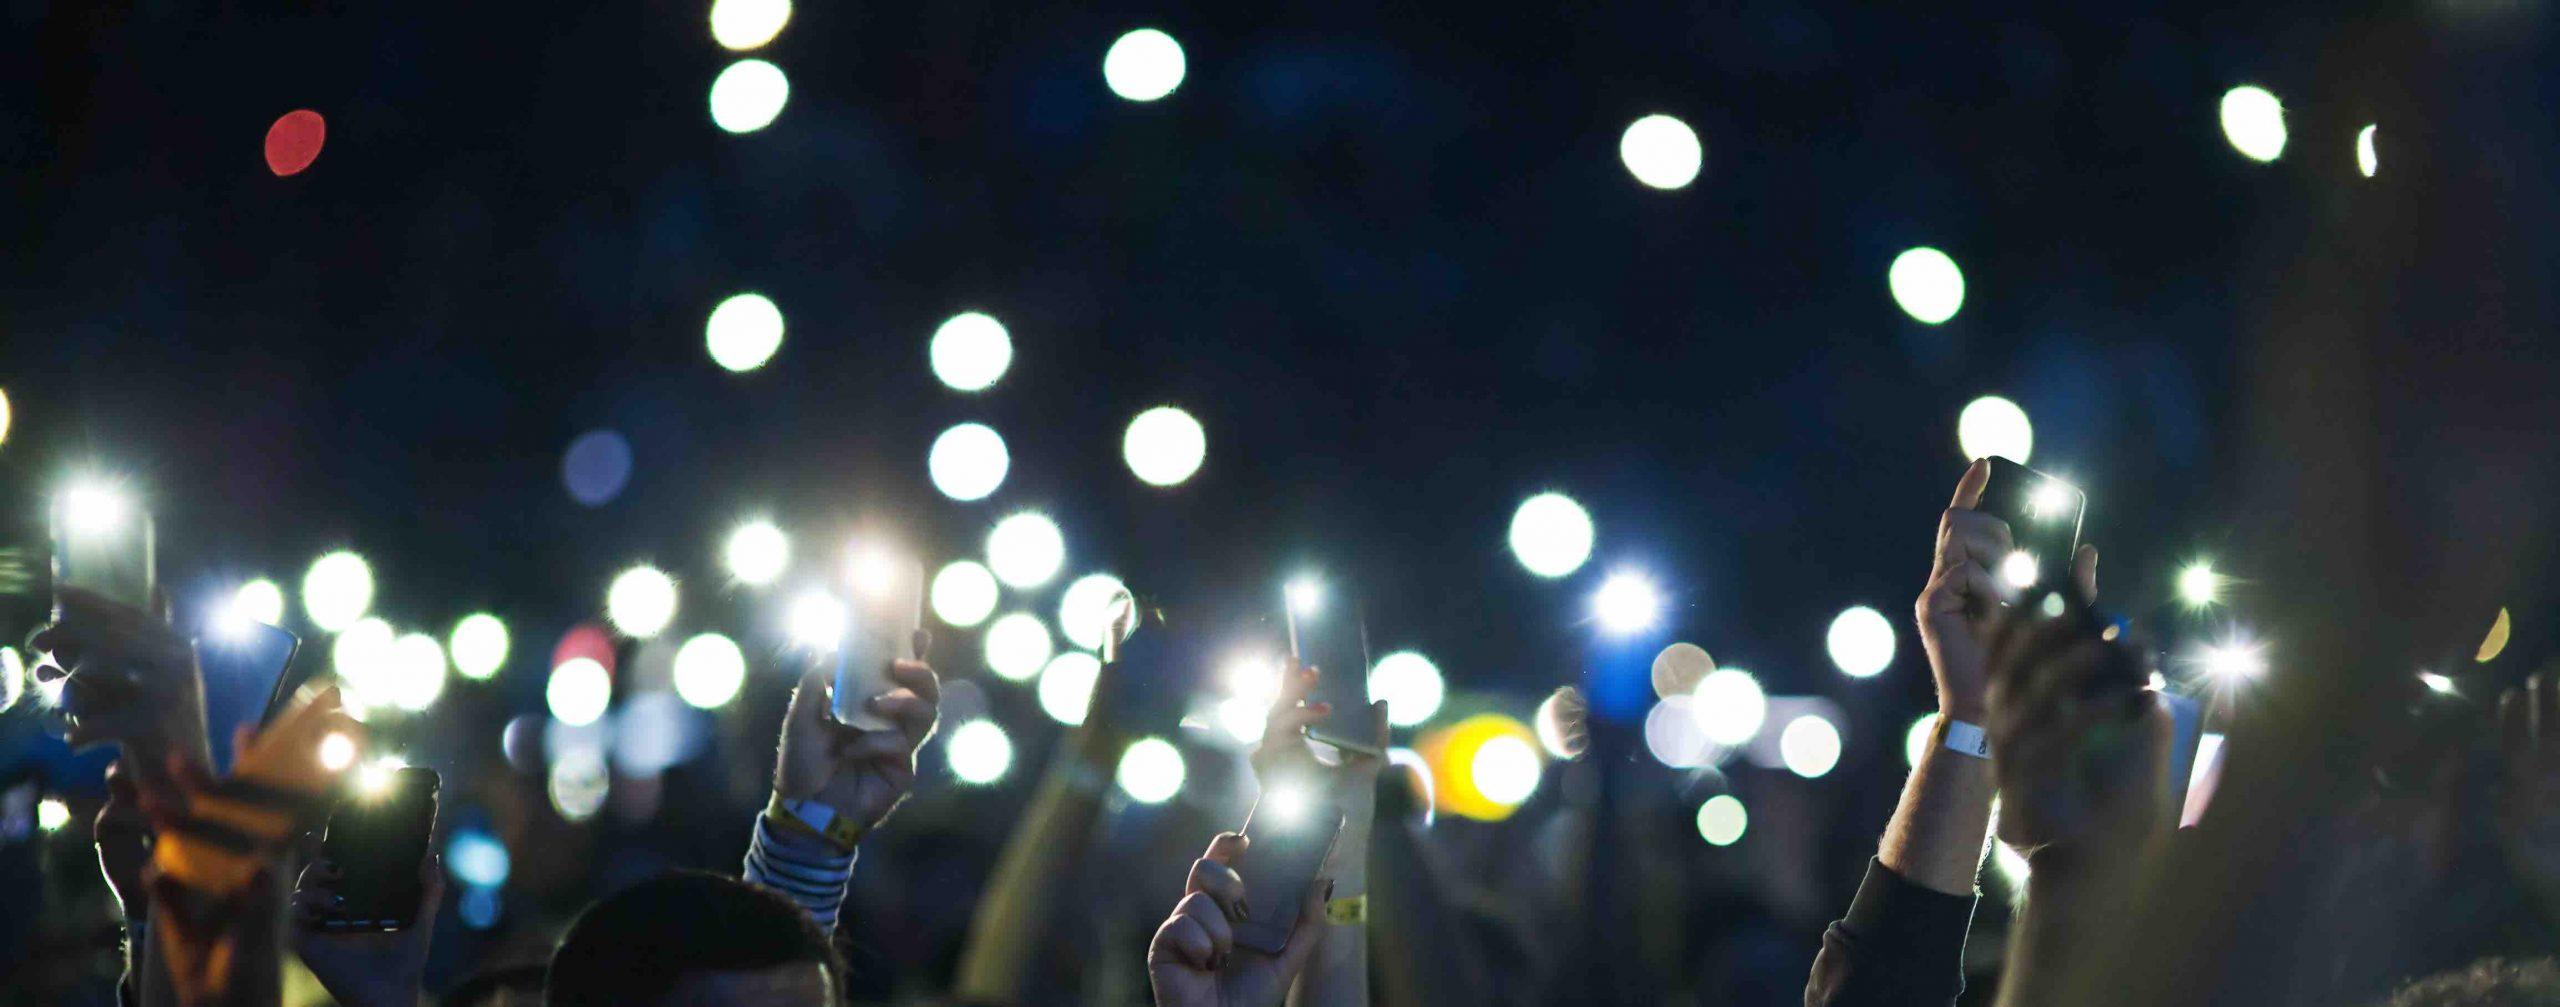 Party mit Smartphones in der Luft